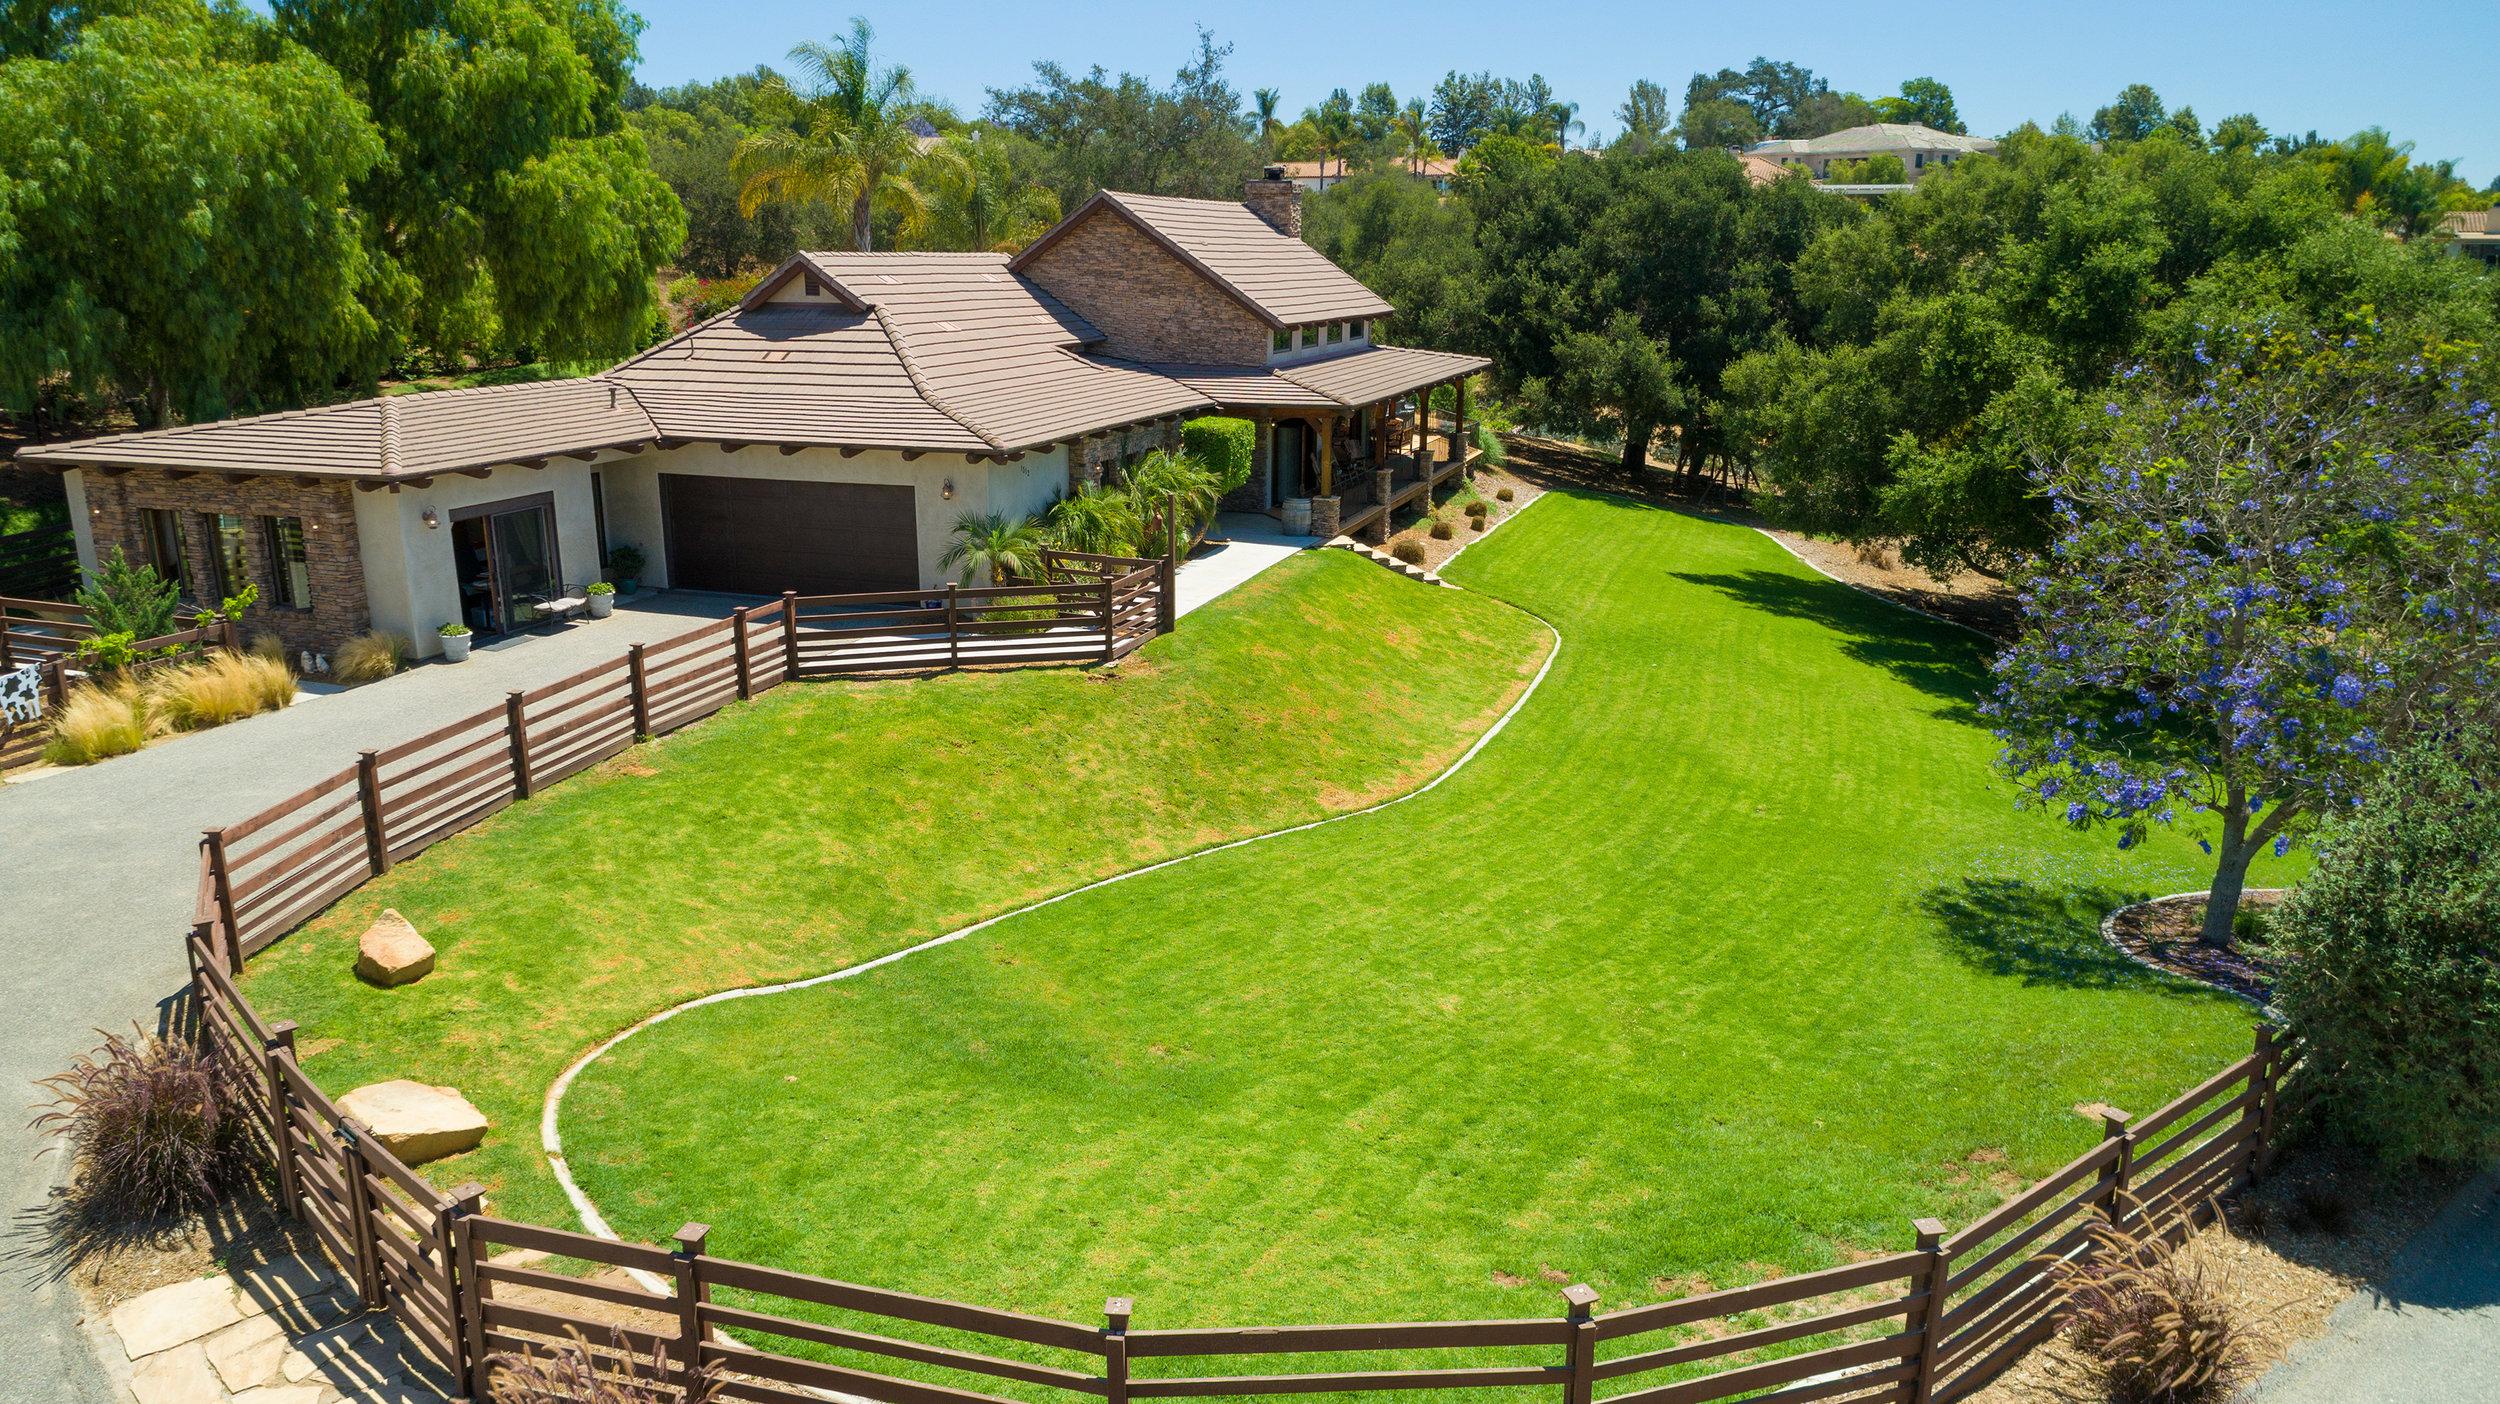 Yard_grass_DJI_0061.jpg